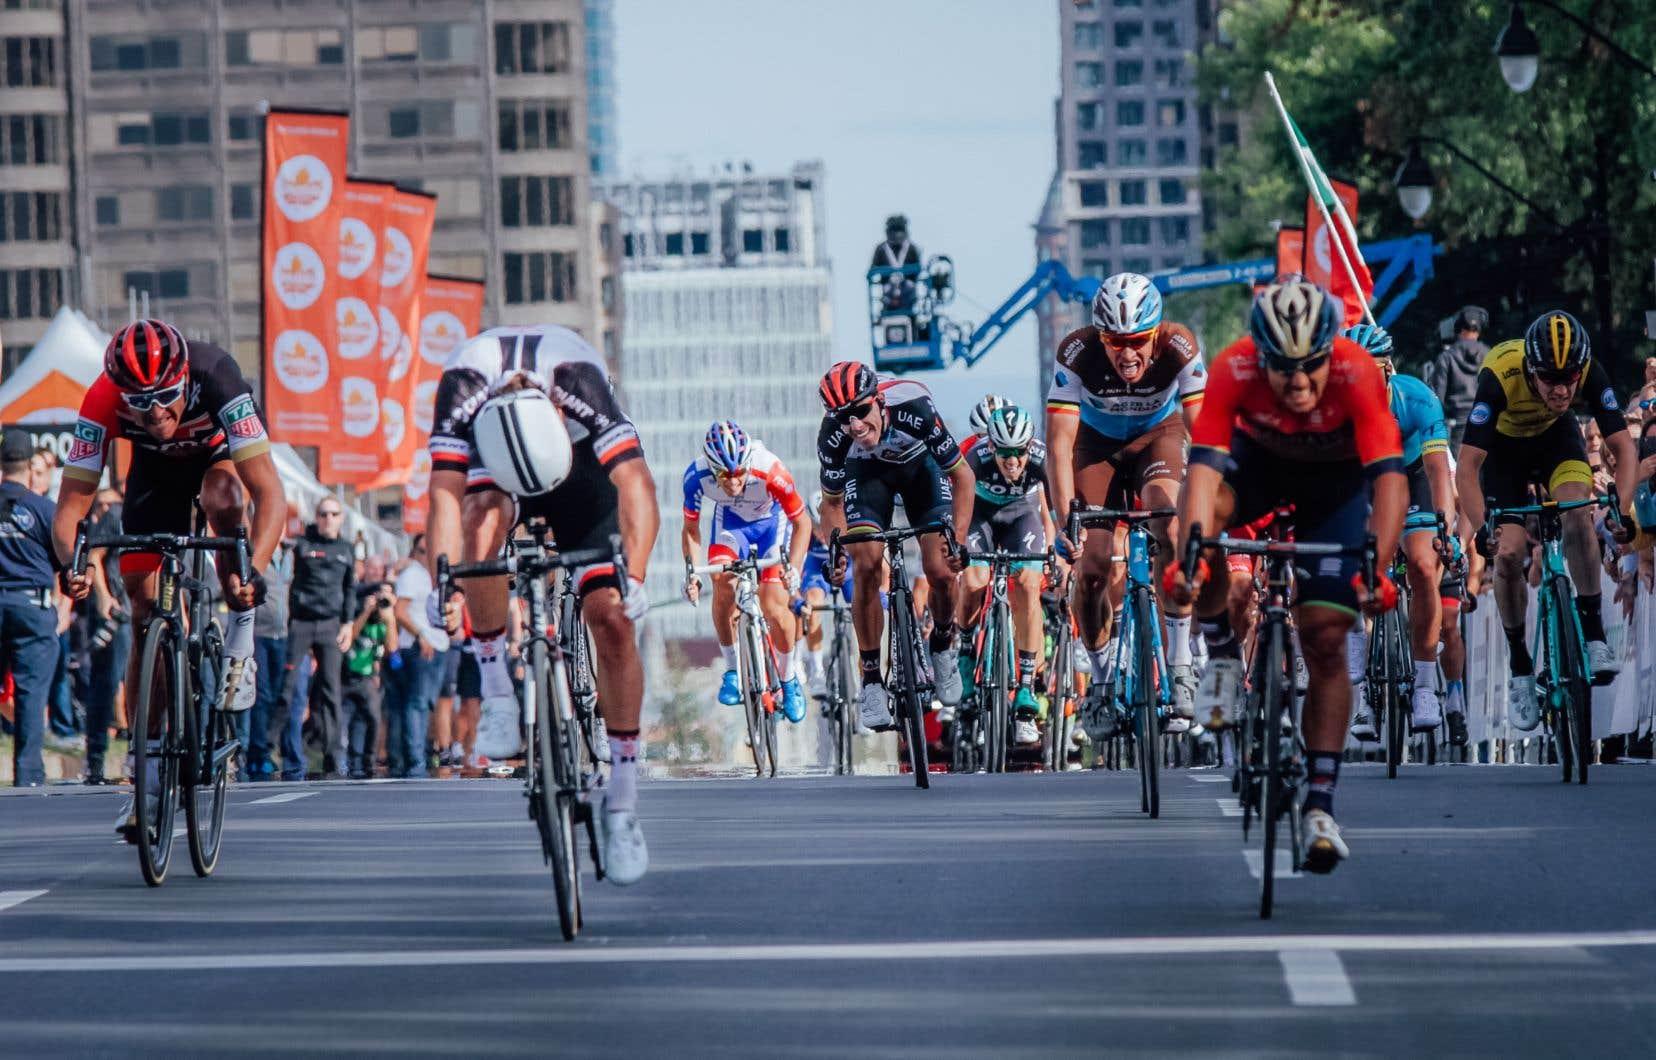 Le Grand prix cycliste de Montréal en 2018